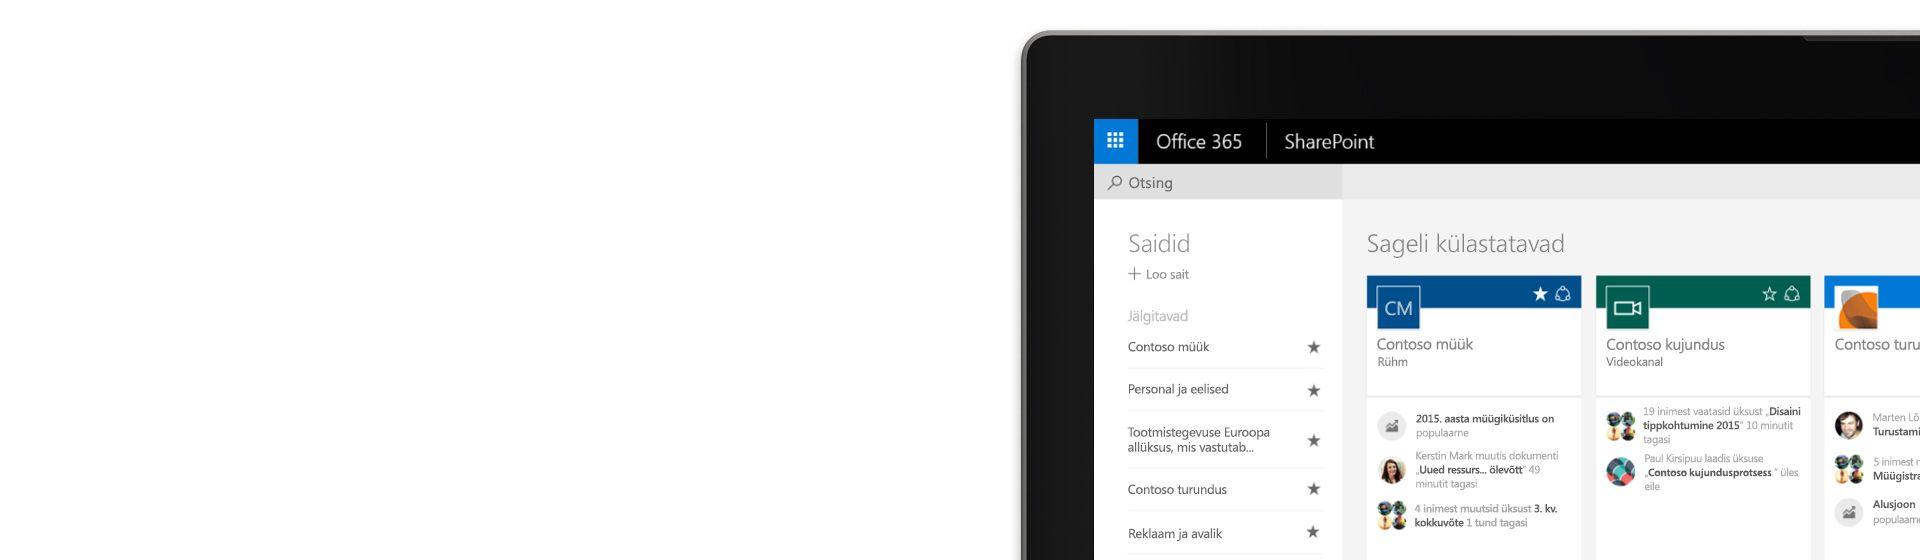 Pilt sülearvuti ekraani nurgast, kus on kuvatud Office 365 SharePointi Contoso sait